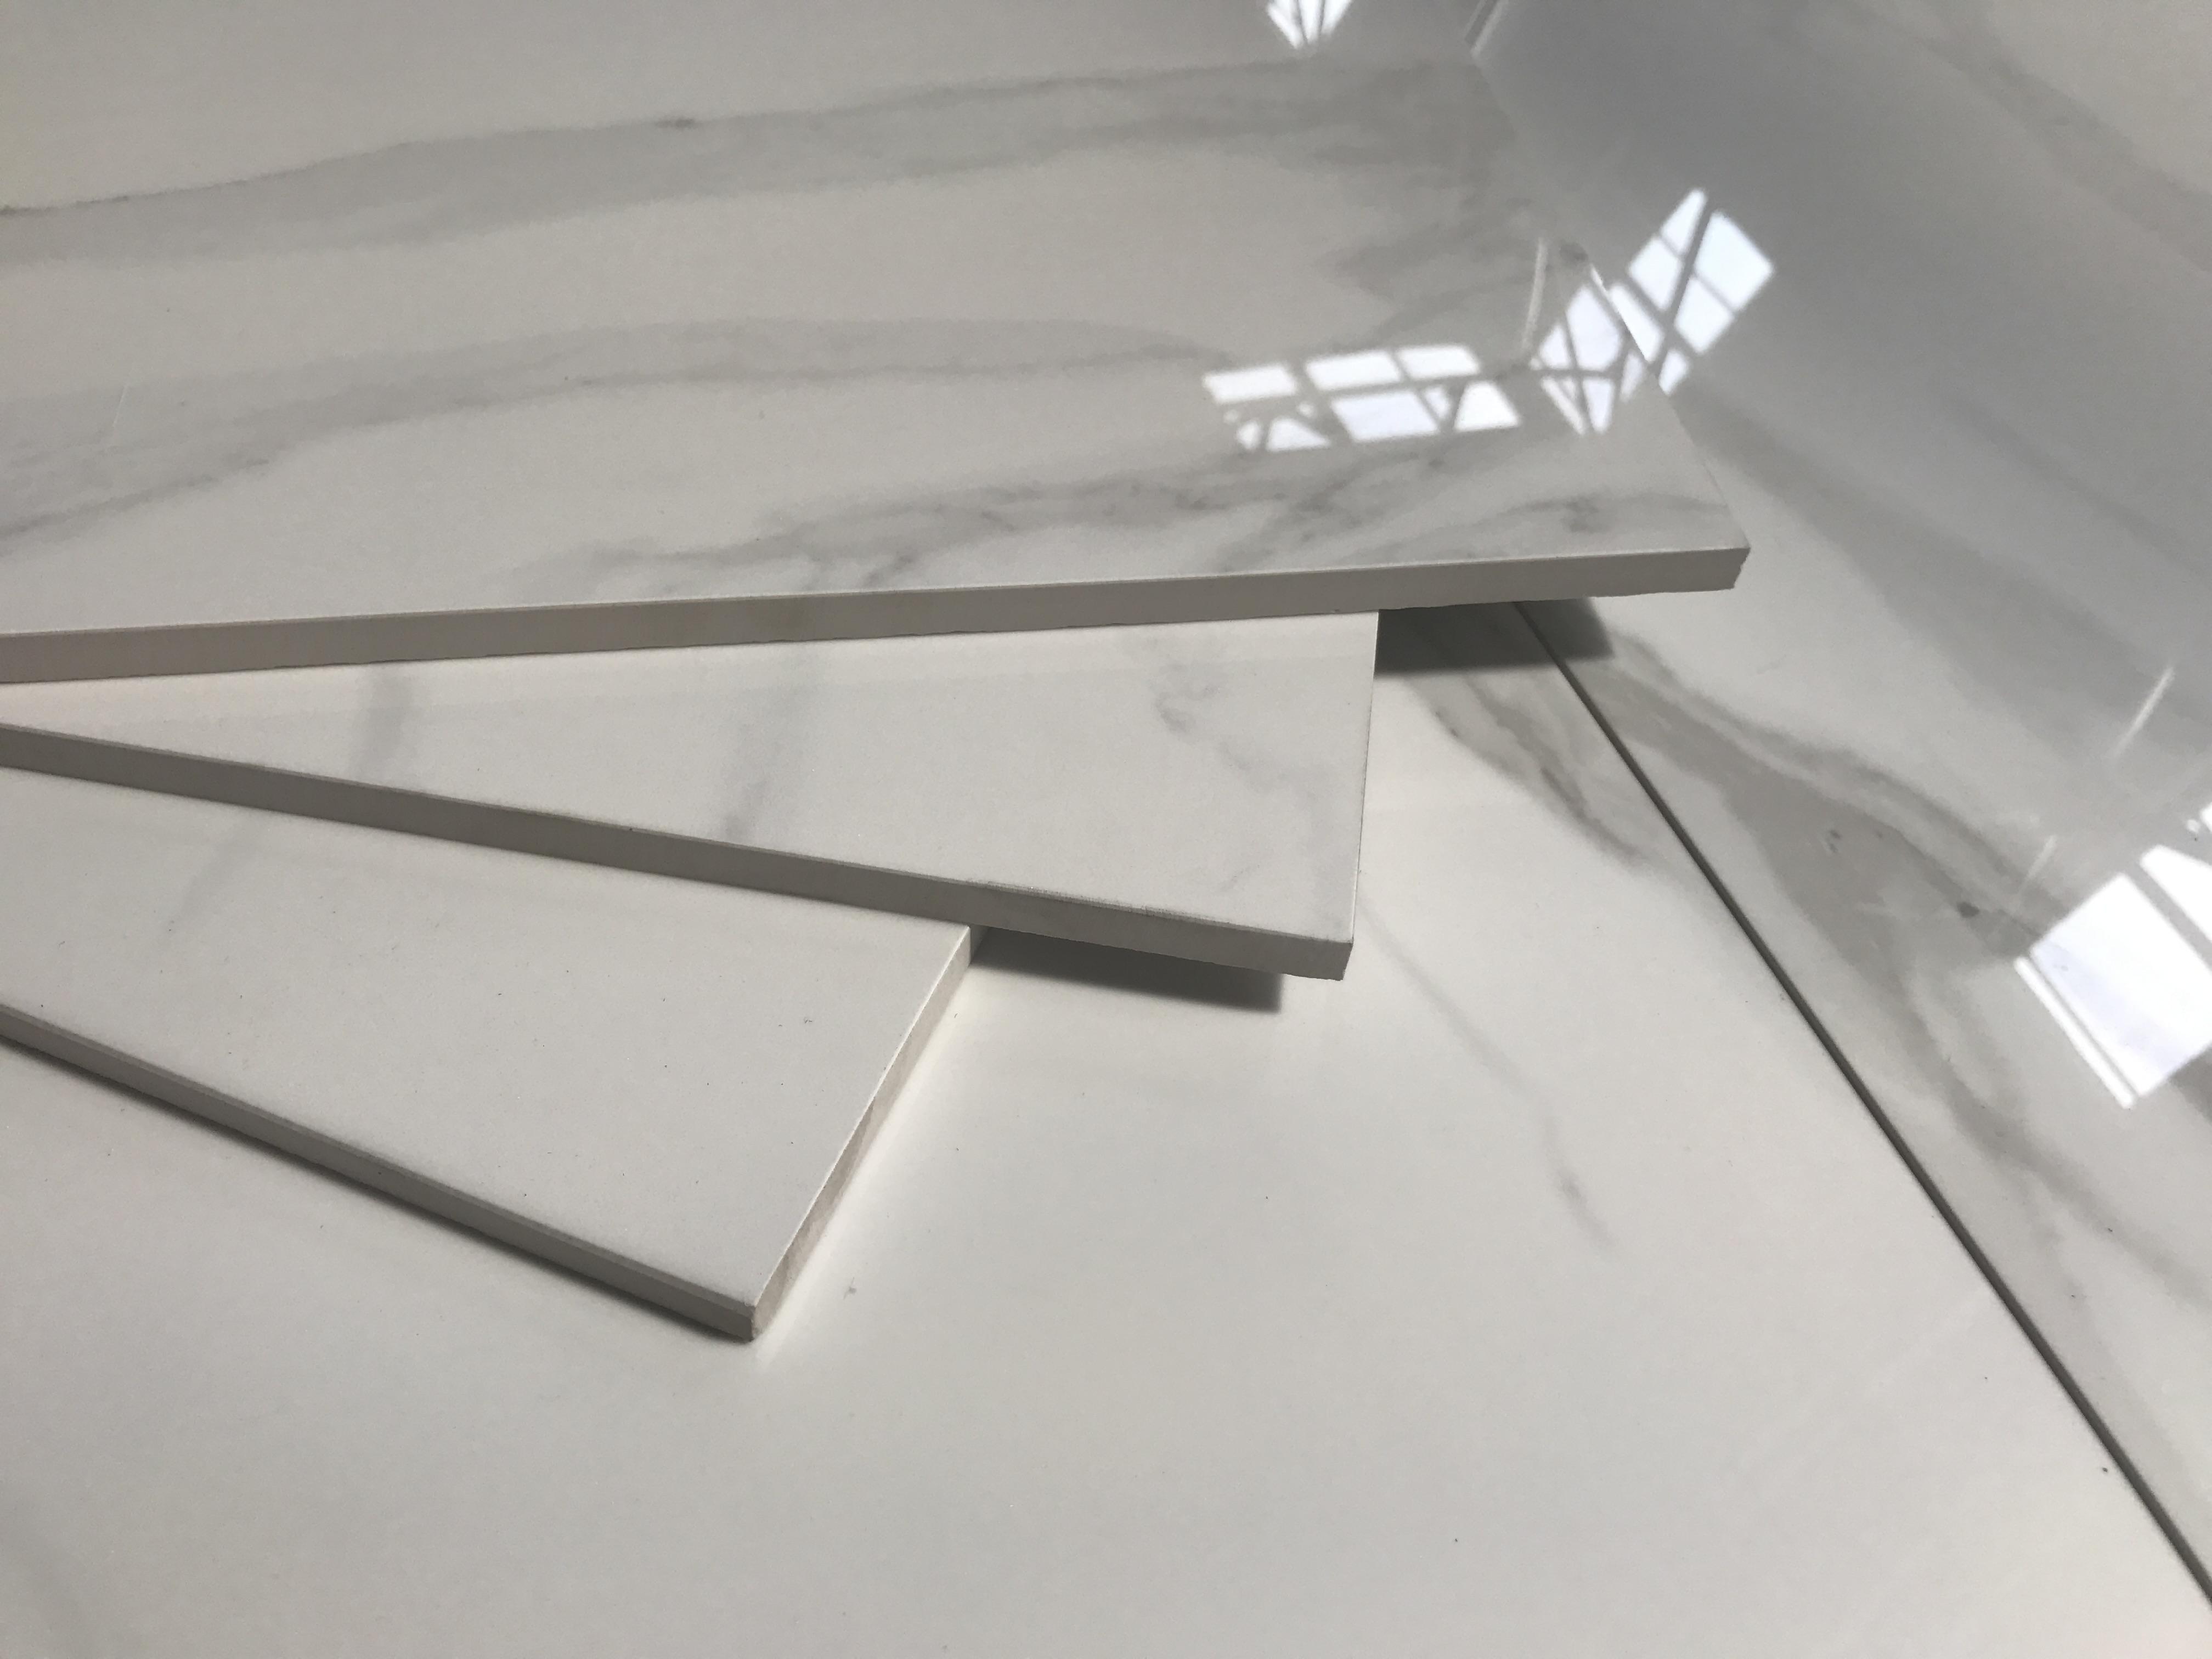 płytki podłogowe 60x120 biały marmur z szarymi smugami wielkoformatowe Navarti Forum Blanco